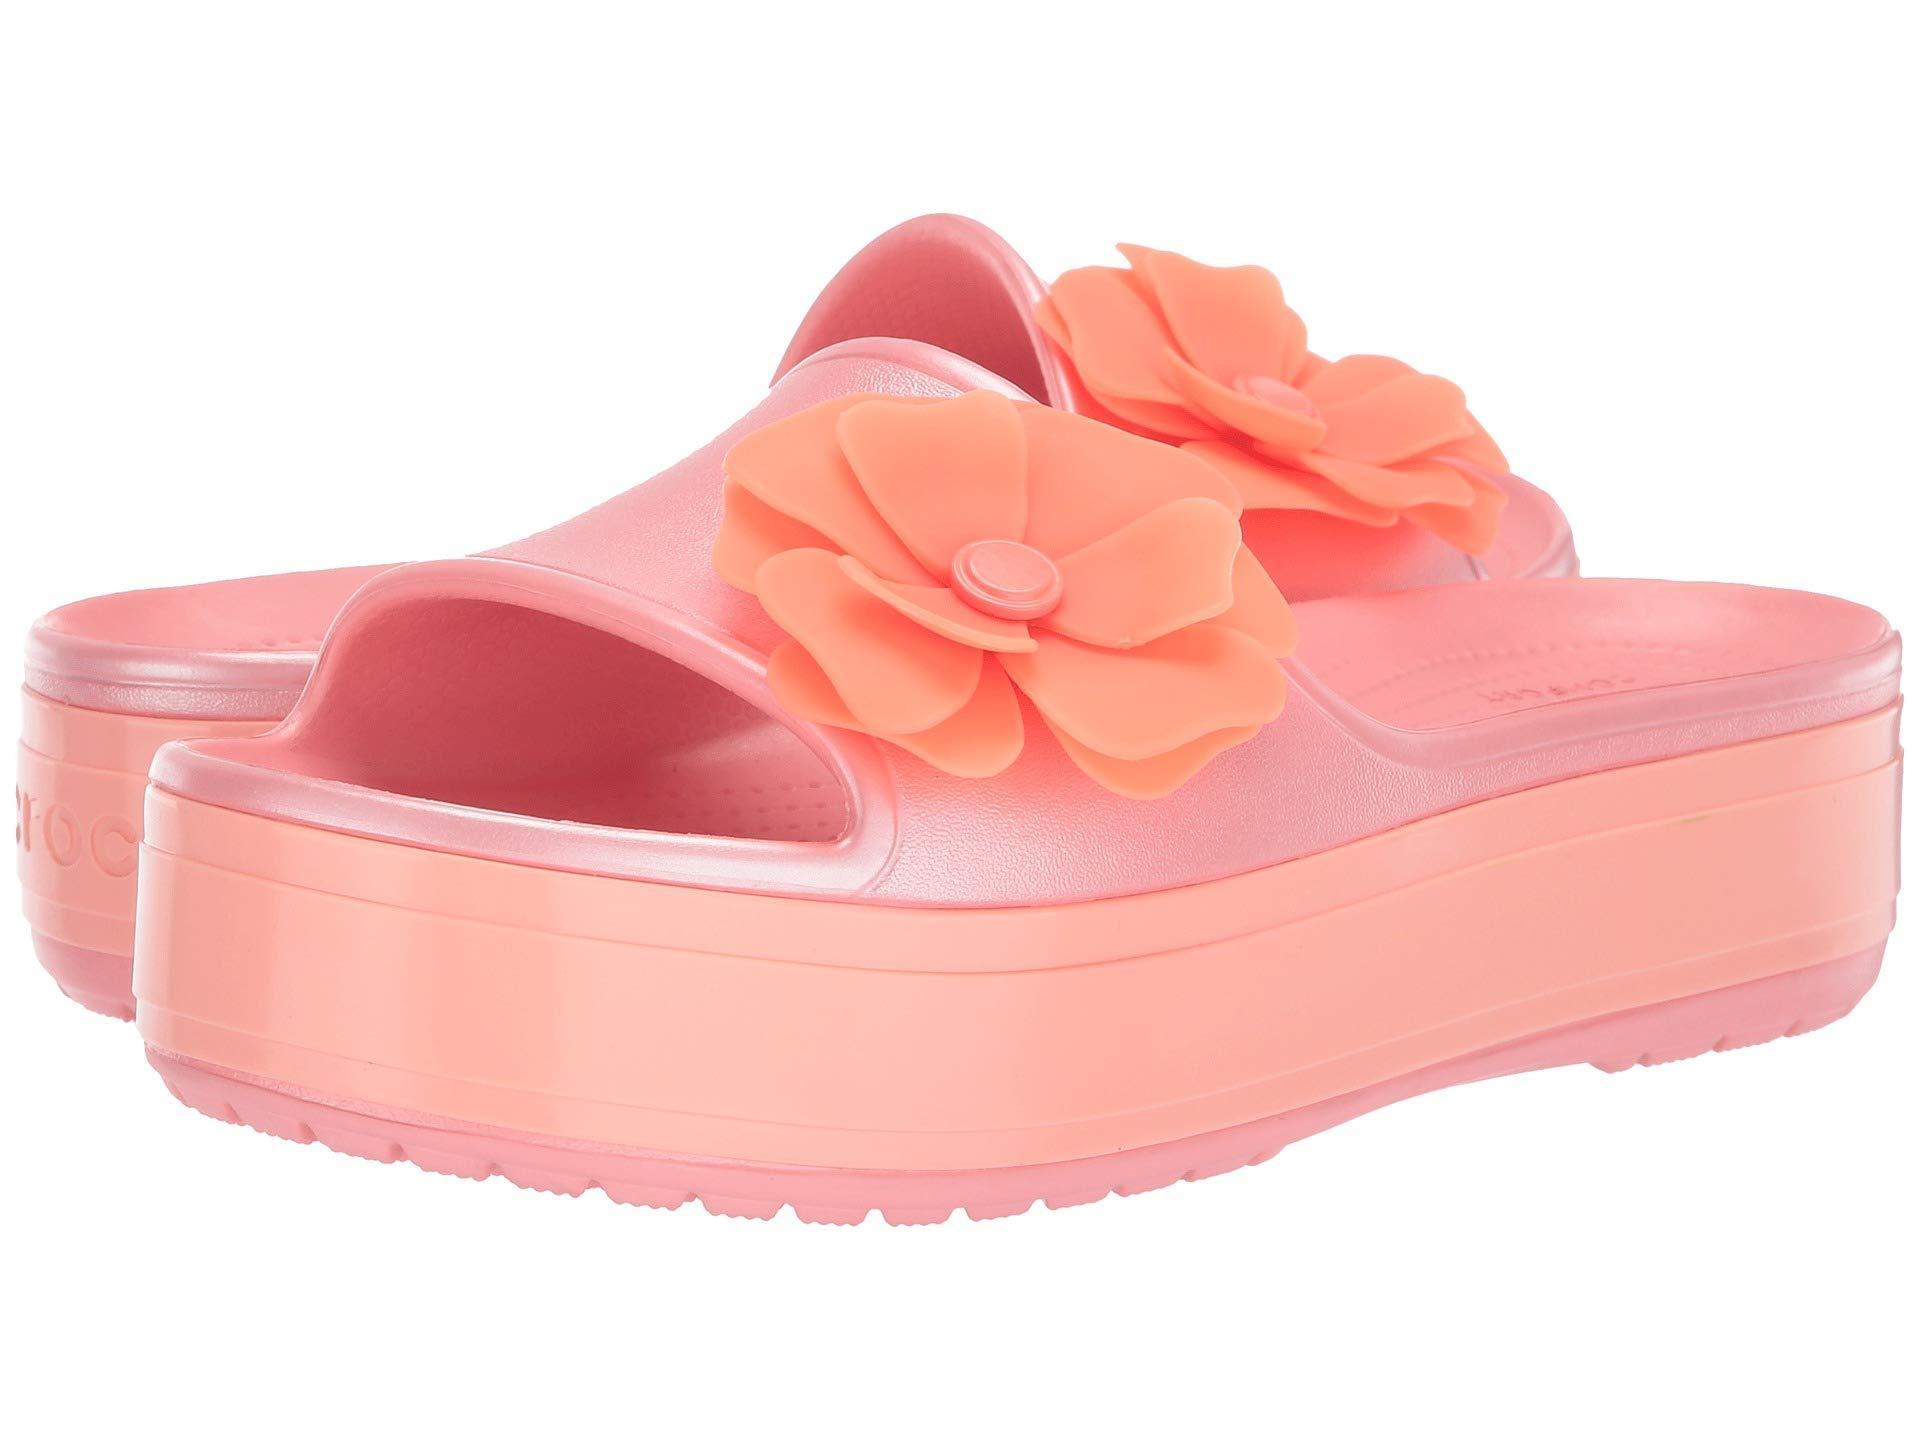 e58dda021 Crocs™. Women s Pink Crocband Platform Vivid Blooms Slide (melon) Slide  Shoes